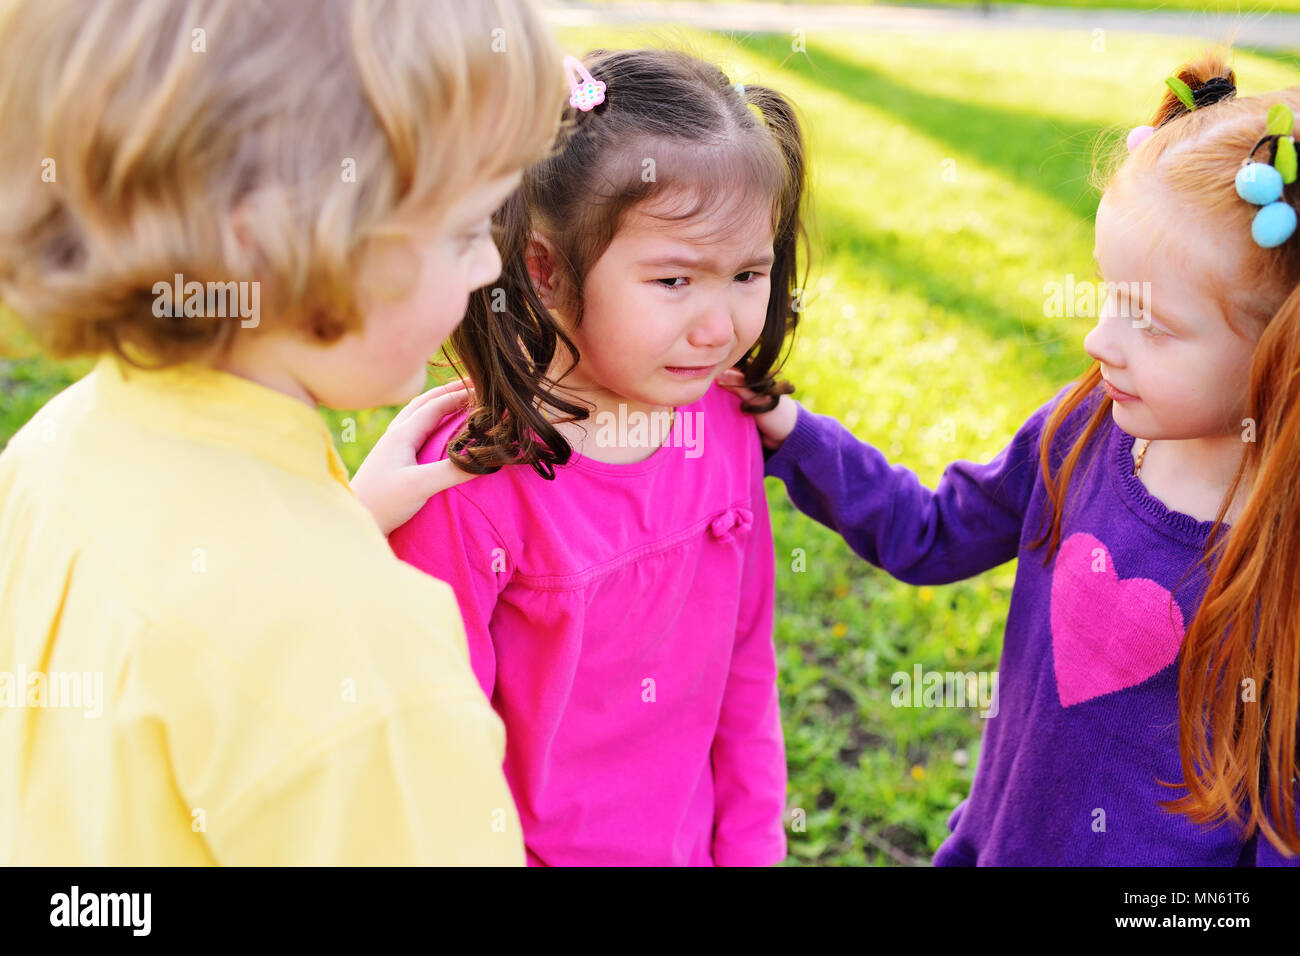 Bambini dispiace per un pianto bambina. Immagini Stock